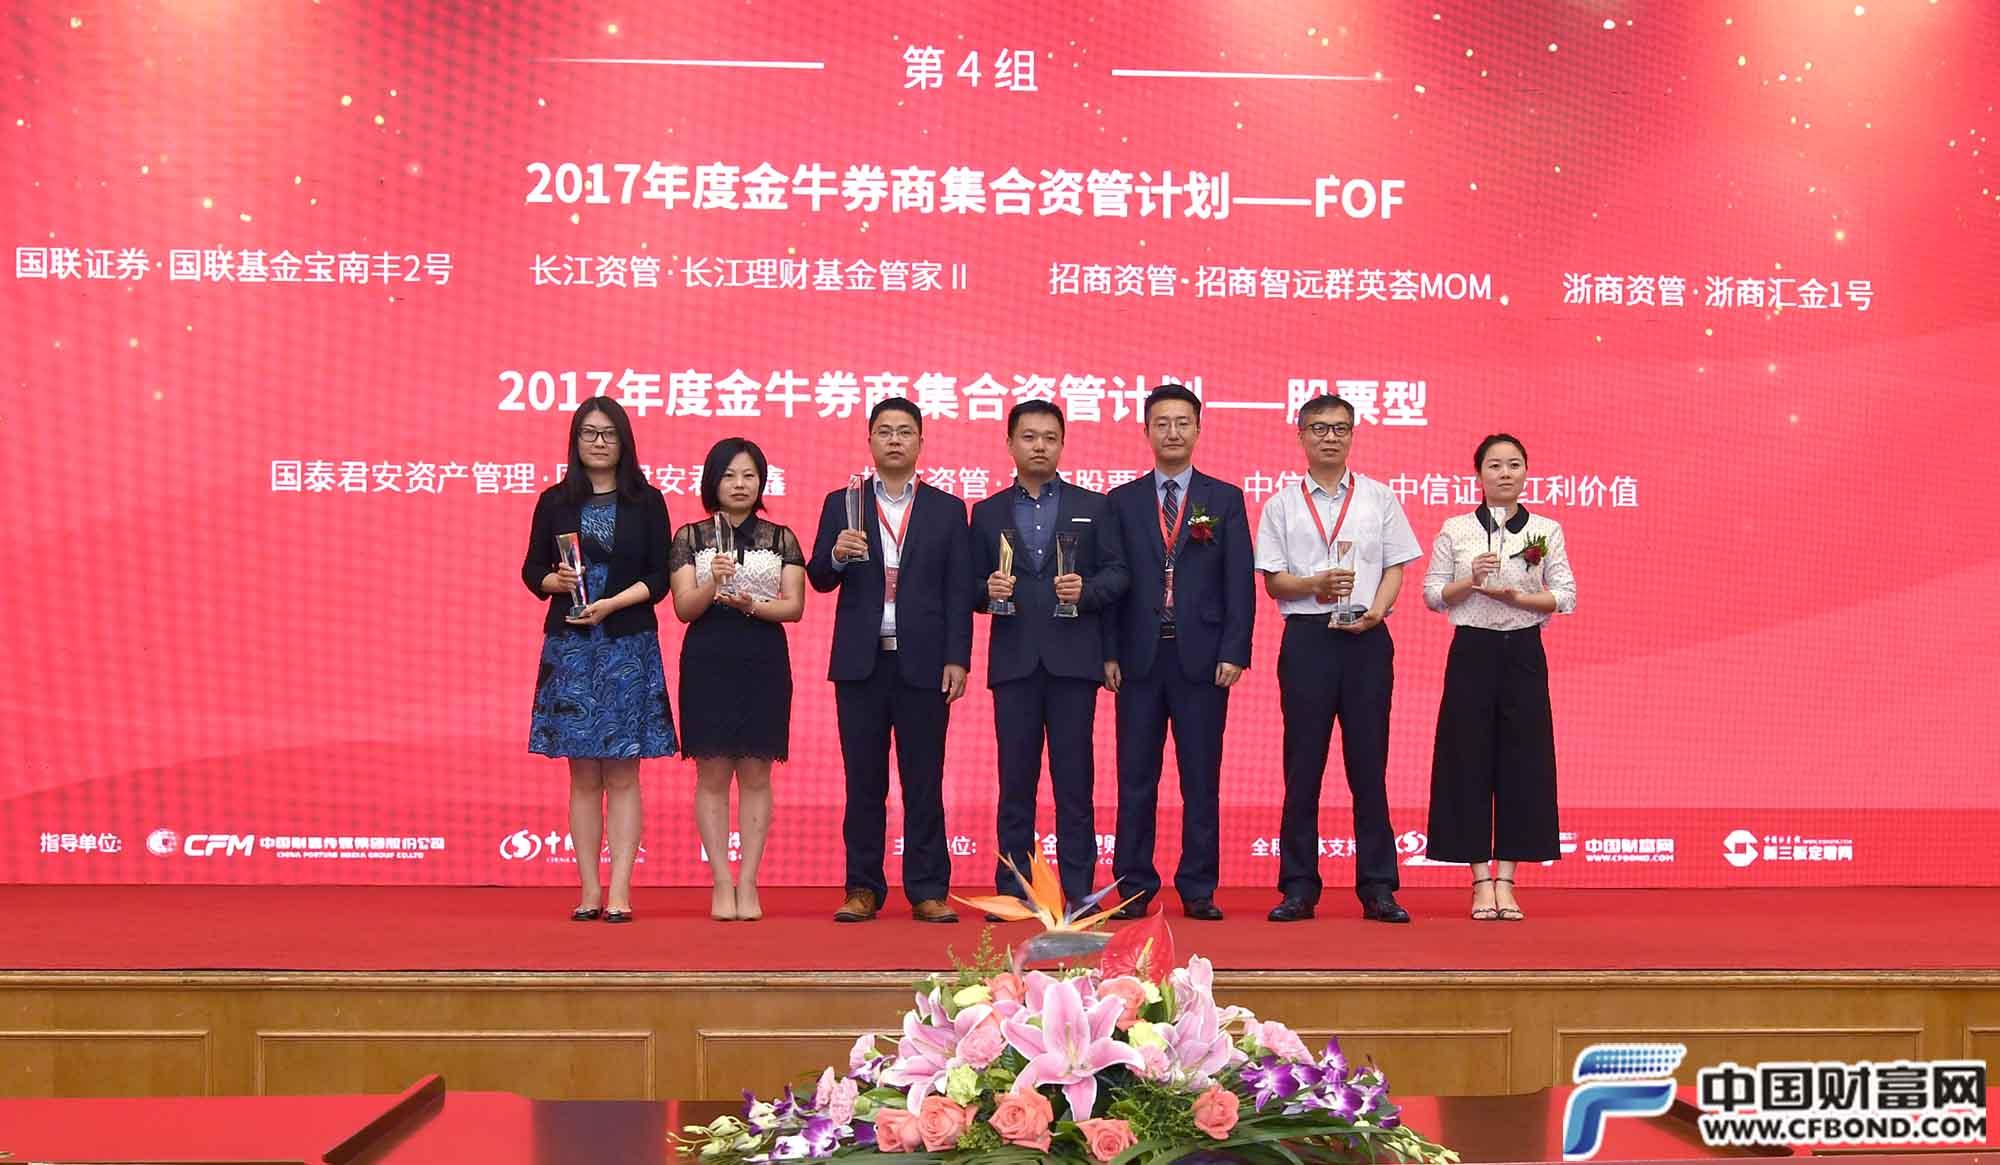 2017年度金牛券商集合资管计划奖项